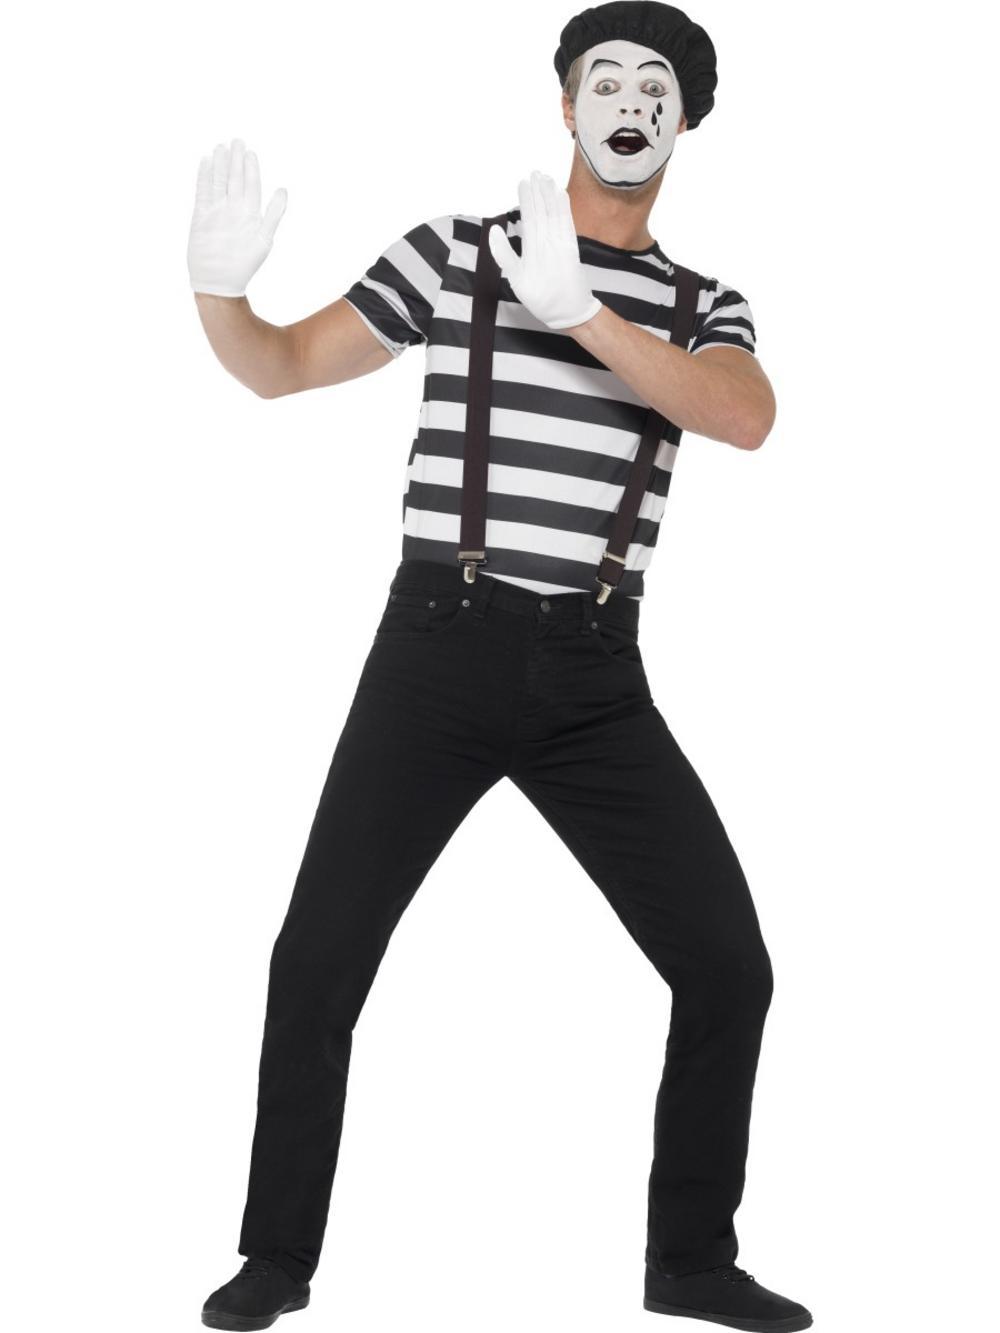 Gentleman Mime Artist Costume